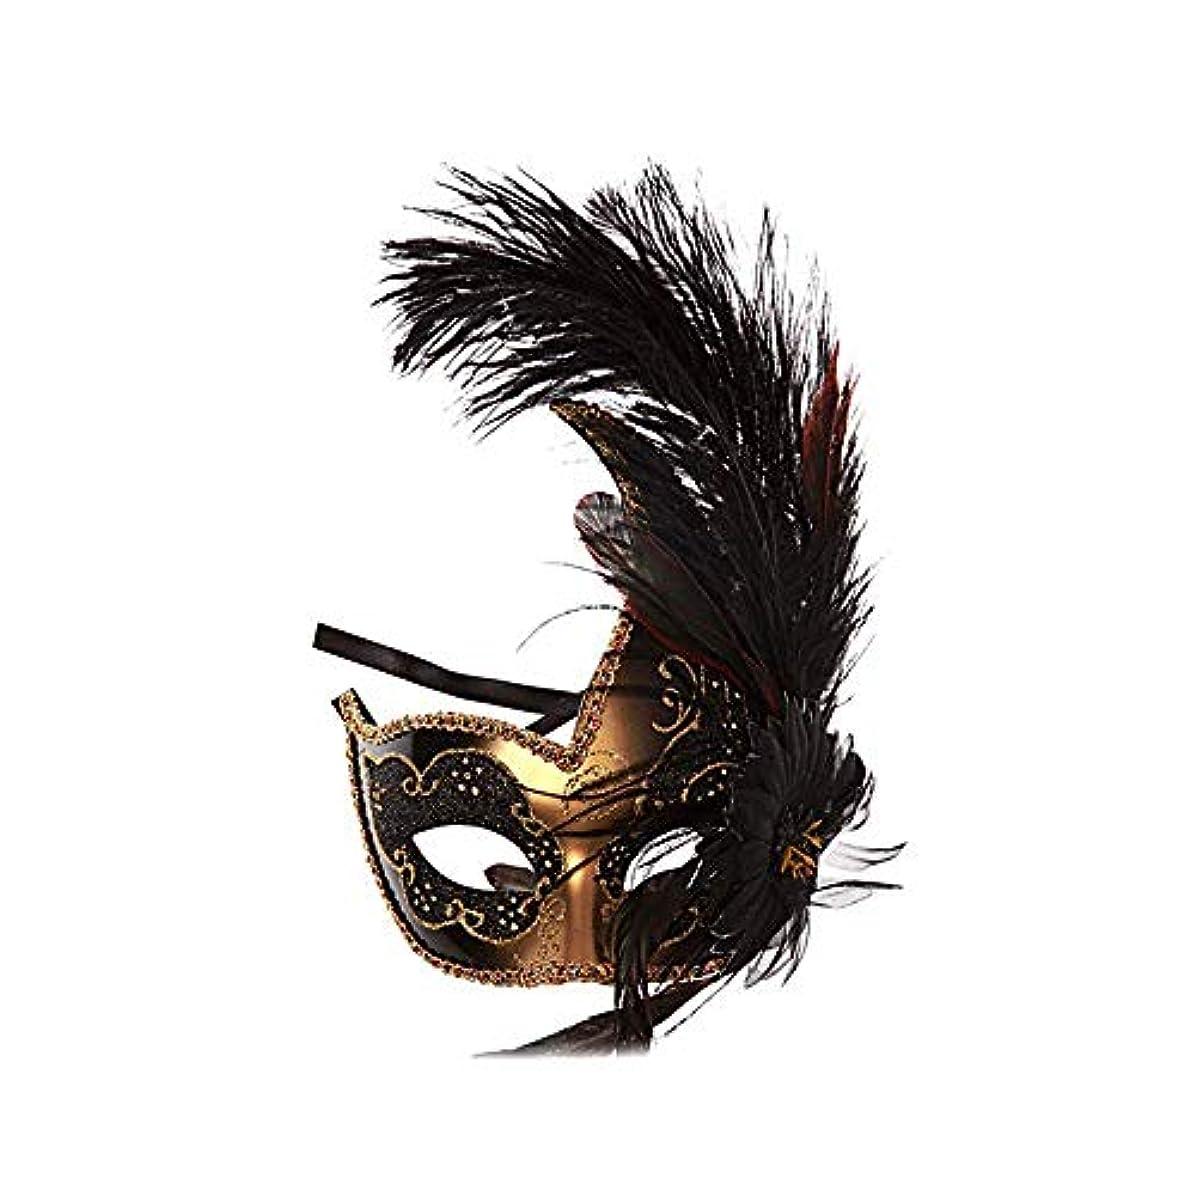 属するシステム本会議Nanle ハロウィンマスクハーフフェザーマスクベニスプリンセスマスク美容レース仮面ライダーコスプレ (色 : Style B black)